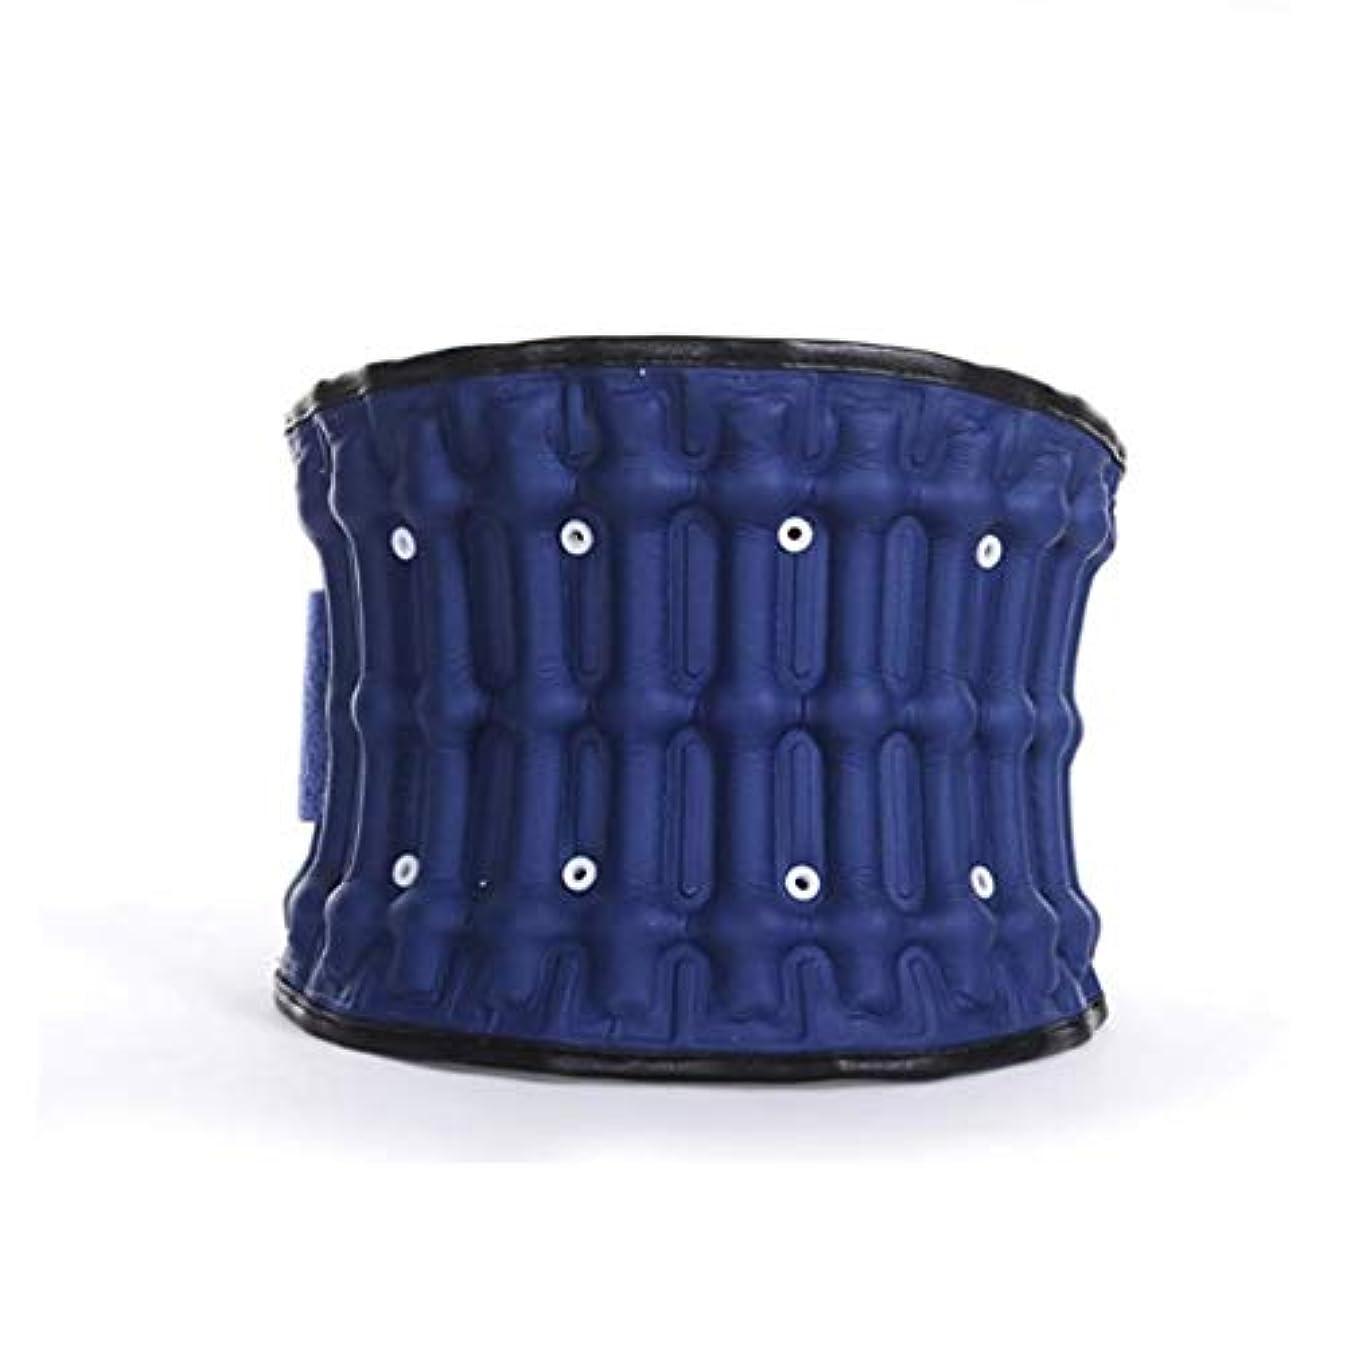 気分休憩する委託ウエスト/腰暖かいベルト、携帯用バックサポートベルト、ワーキング/スポーツ/フィットネスのために適切な弾性シェーピングスリミングスポーツベルト、痛みを緩和、防止けが